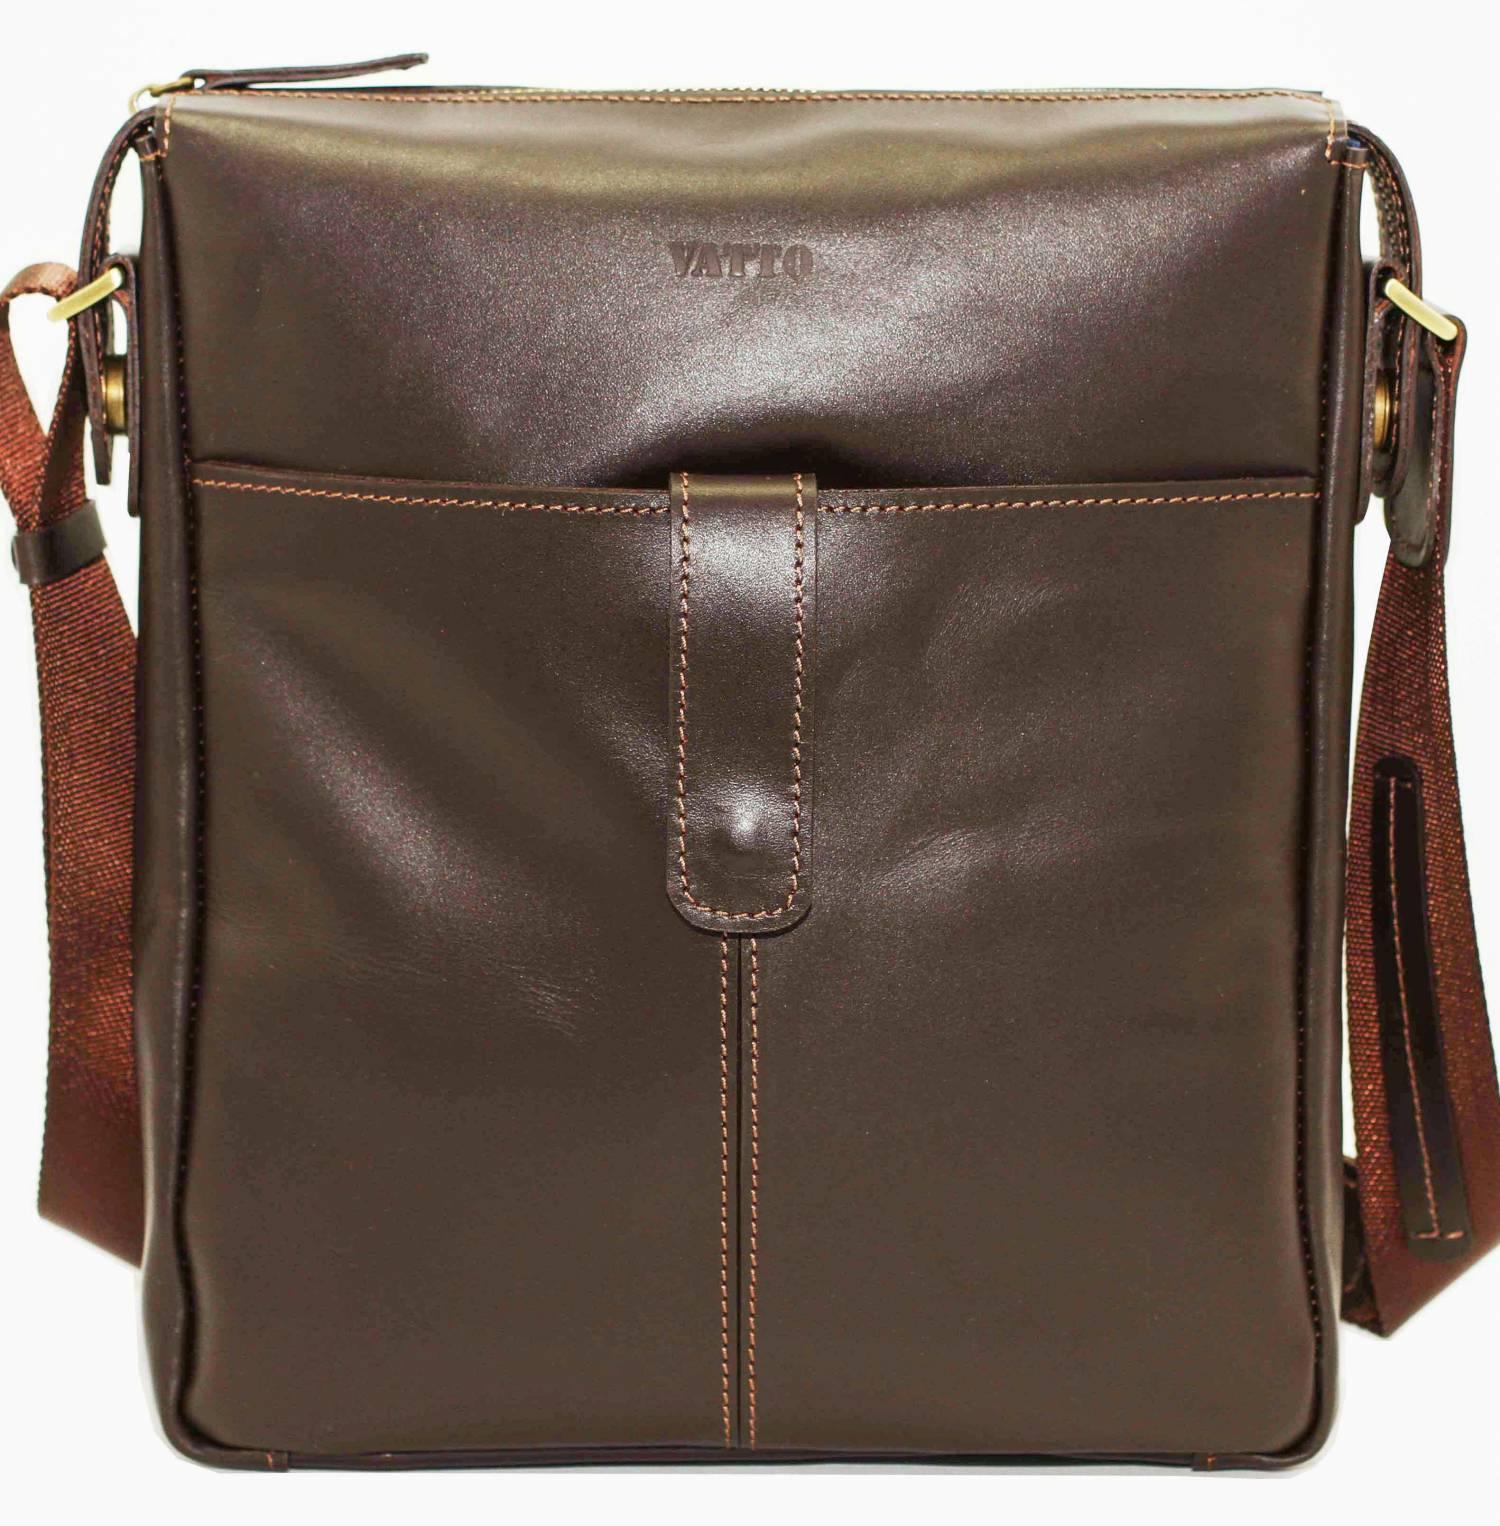 6ca0a3410c8d Мужская сумка VATTO Mk18 Kaz400. Цена, купить Мужская сумка VATTO ...